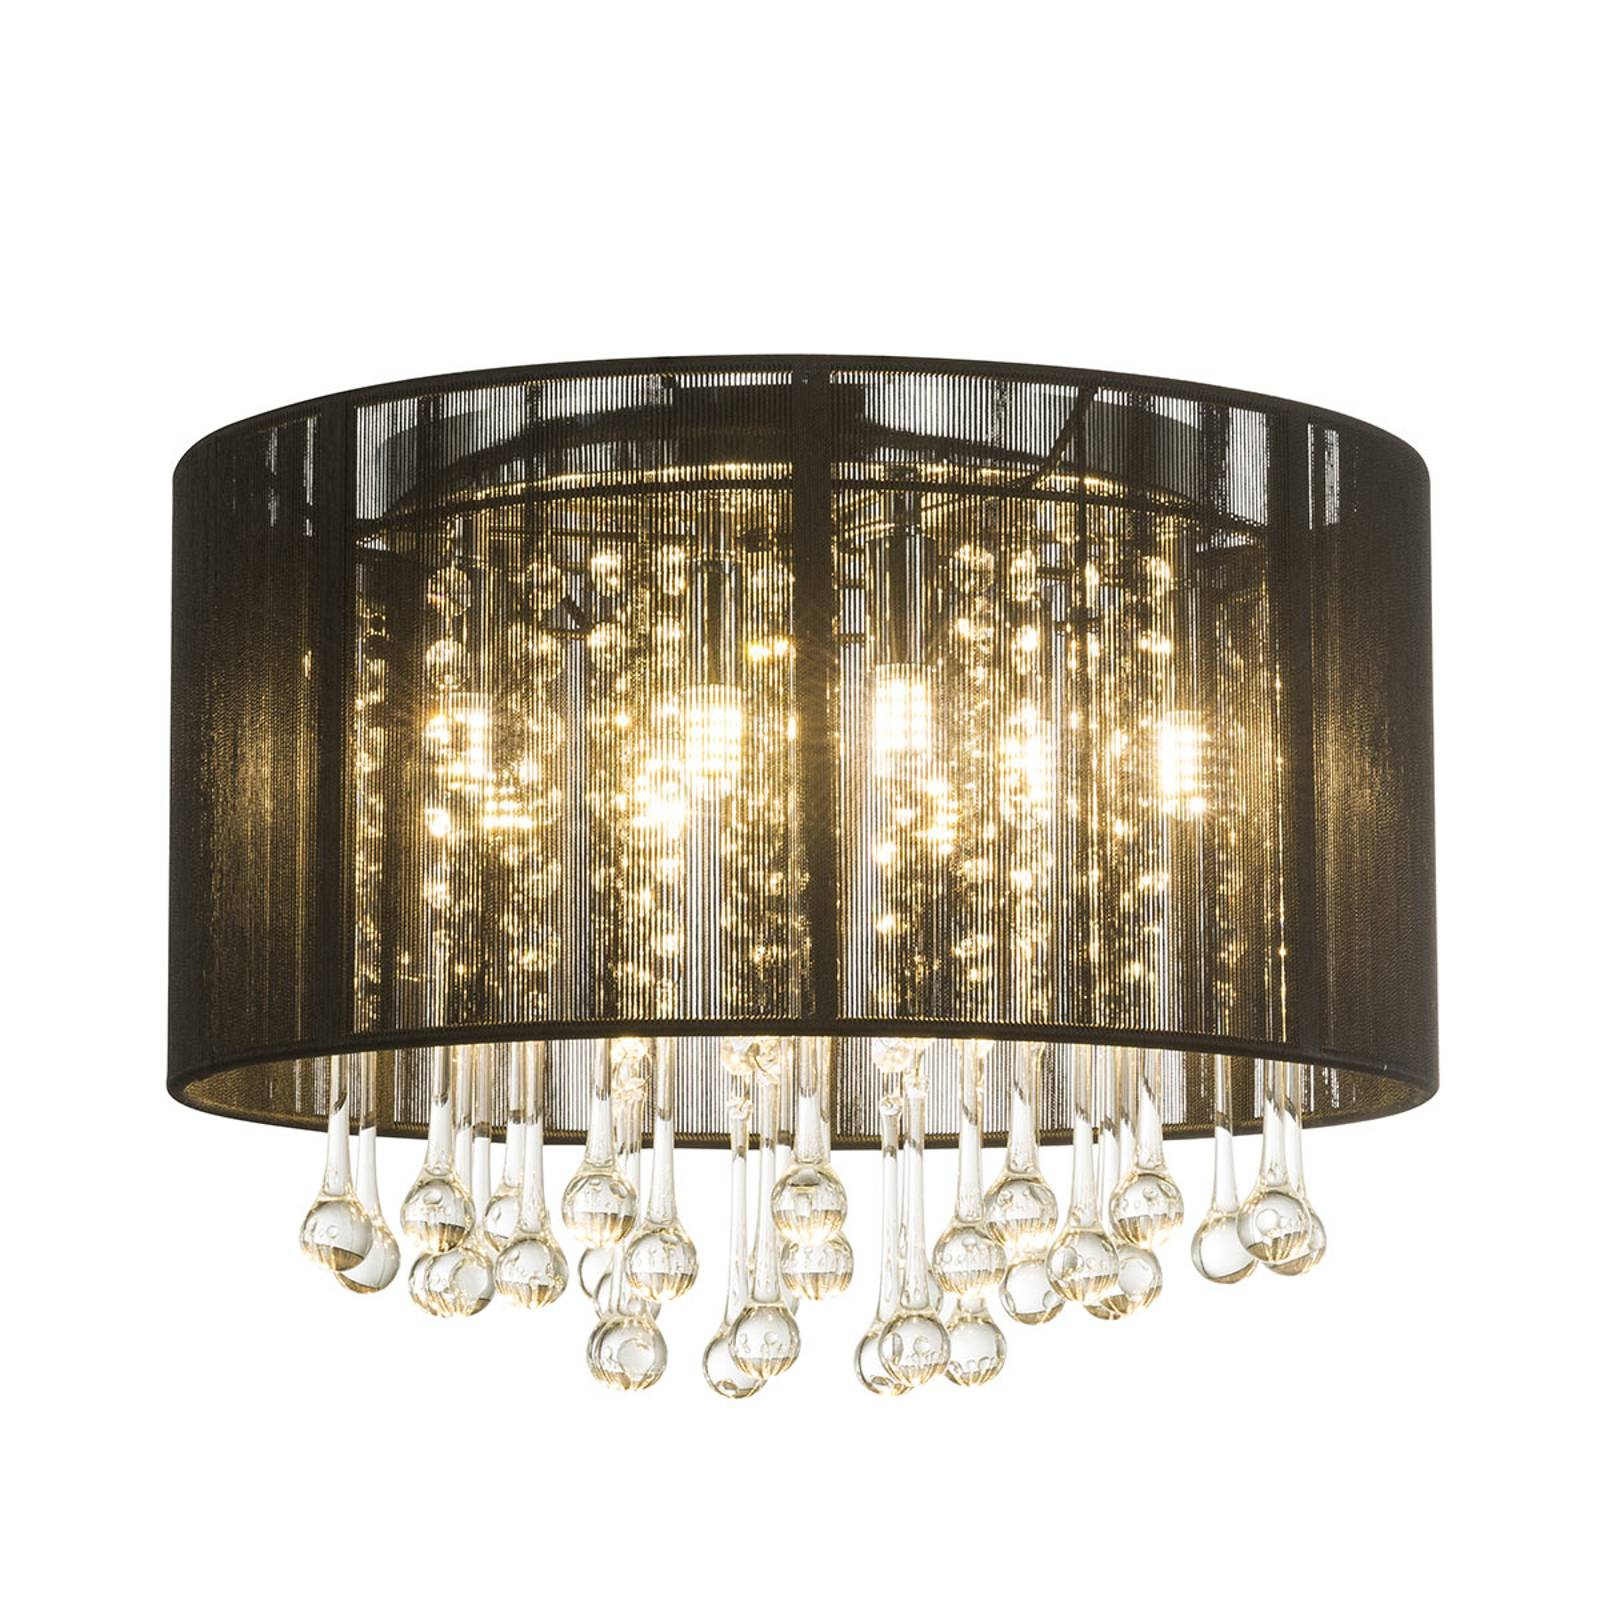 Lampa sufitowa LED Sierra z jedwabnym kloszem